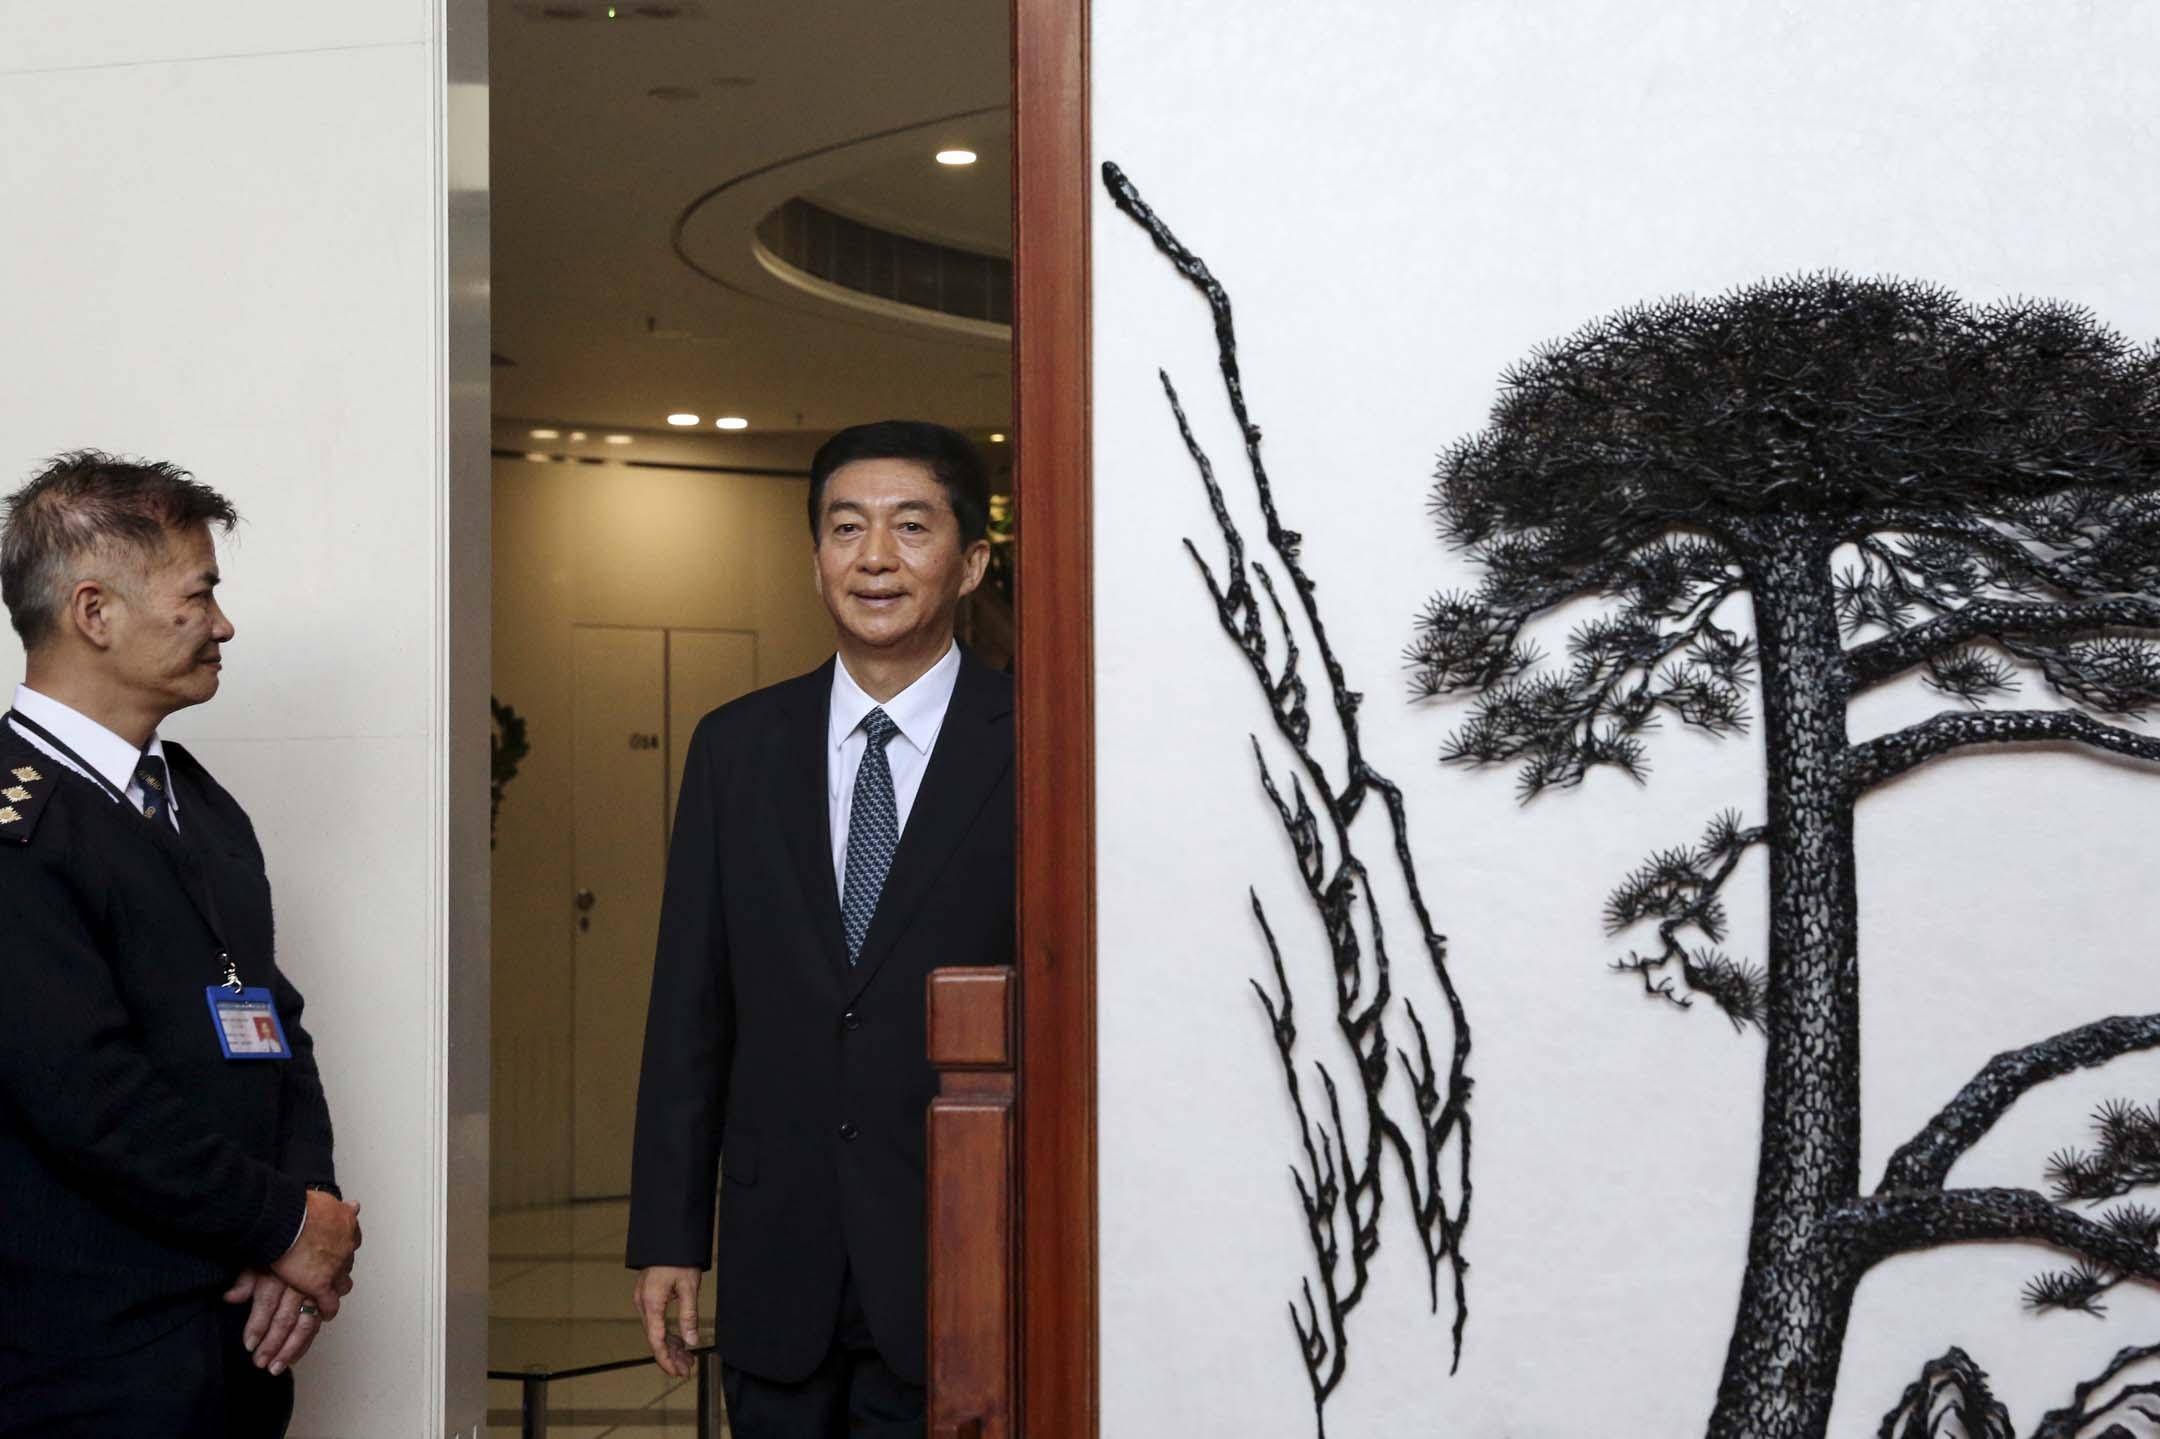 2020年1月6日,中聯辦主任駱惠寧履新,於早上10時半現身會見傳媒。 圖:端傳媒